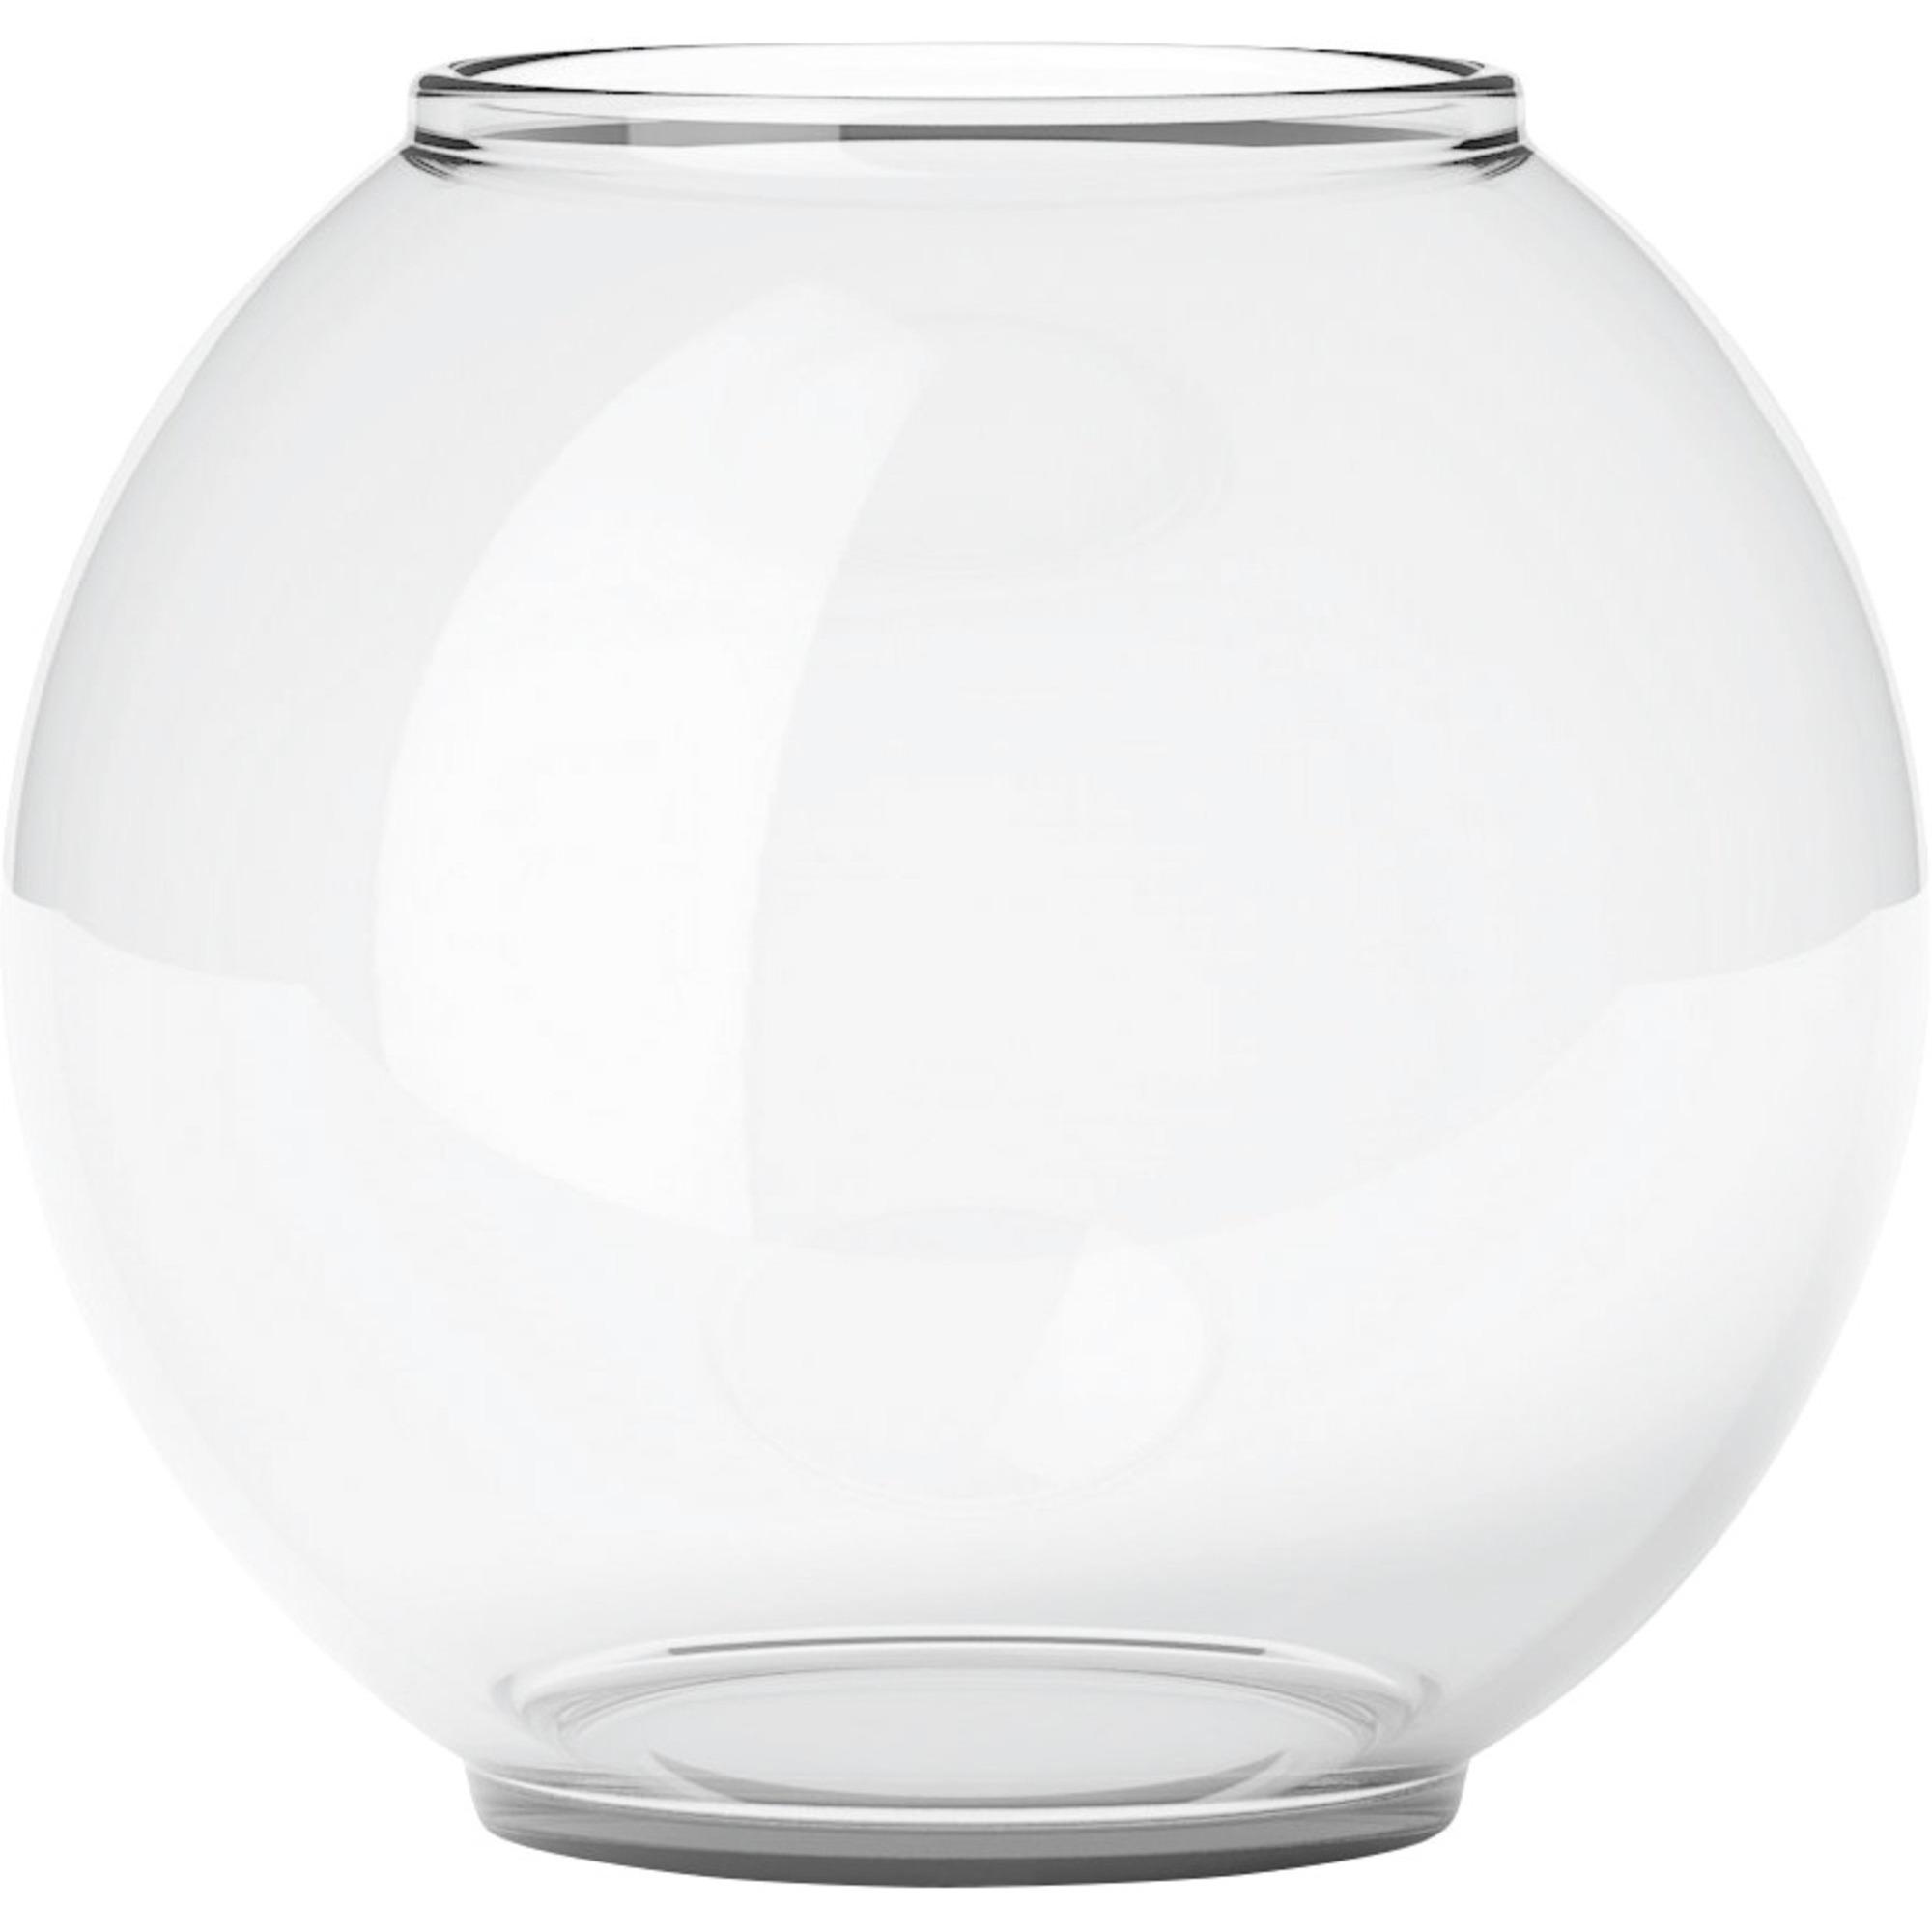 Lyngby Porcelæn Form 70/2 vas